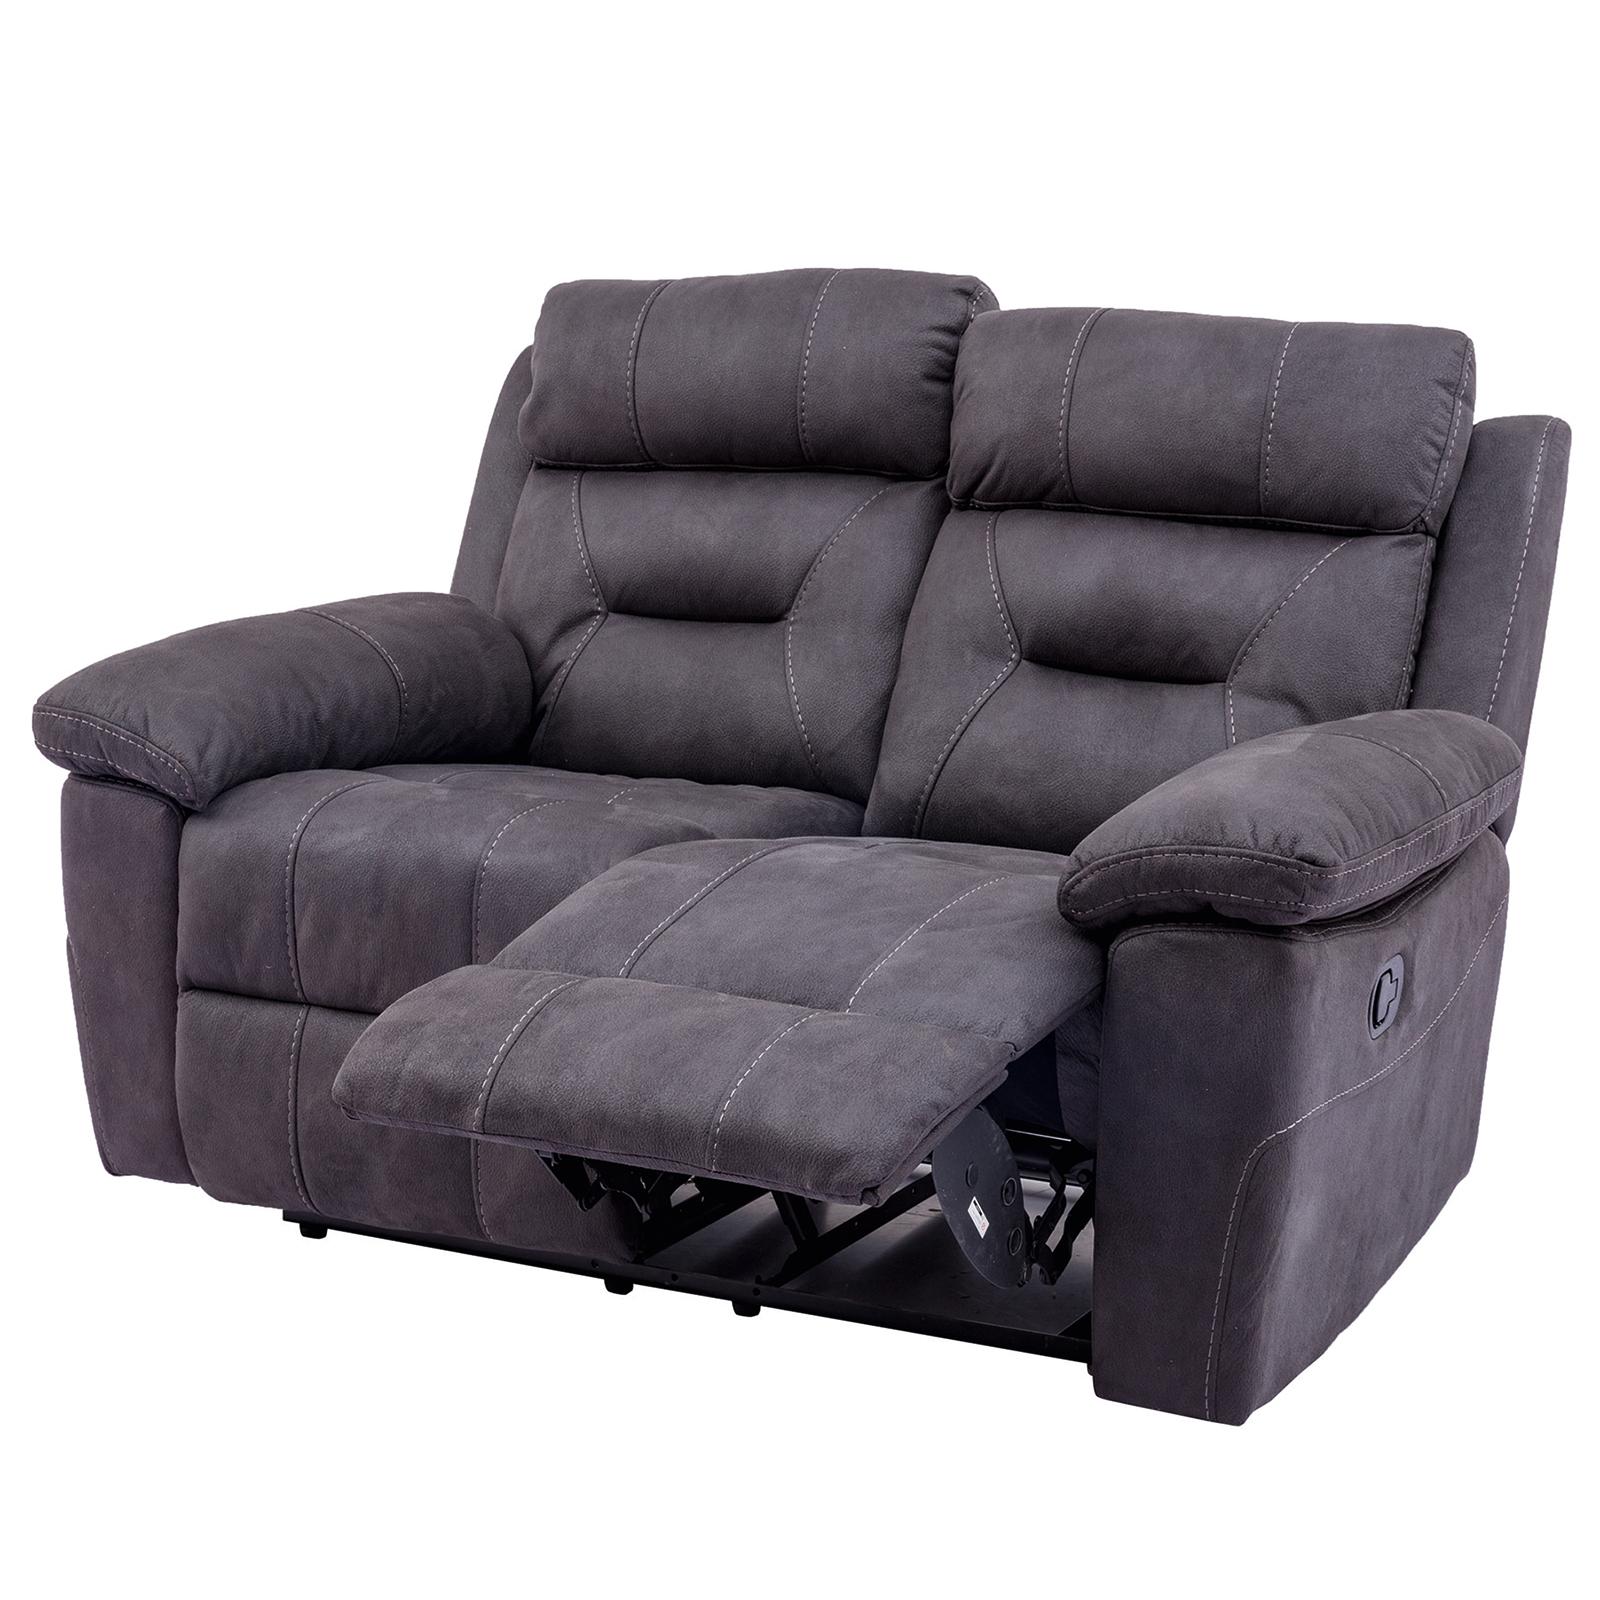 Full Size of 2 Sitzer Sofa Mit Relaxfunktion Gebraucht Stoff Stressless 5 Sitzer   Grau 196 Cm Breit 2 Sitzer City Elektrisch 5 Couch Elektrischer Integrierter Tischablage Sofa 2 Sitzer Sofa Mit Relaxfunktion